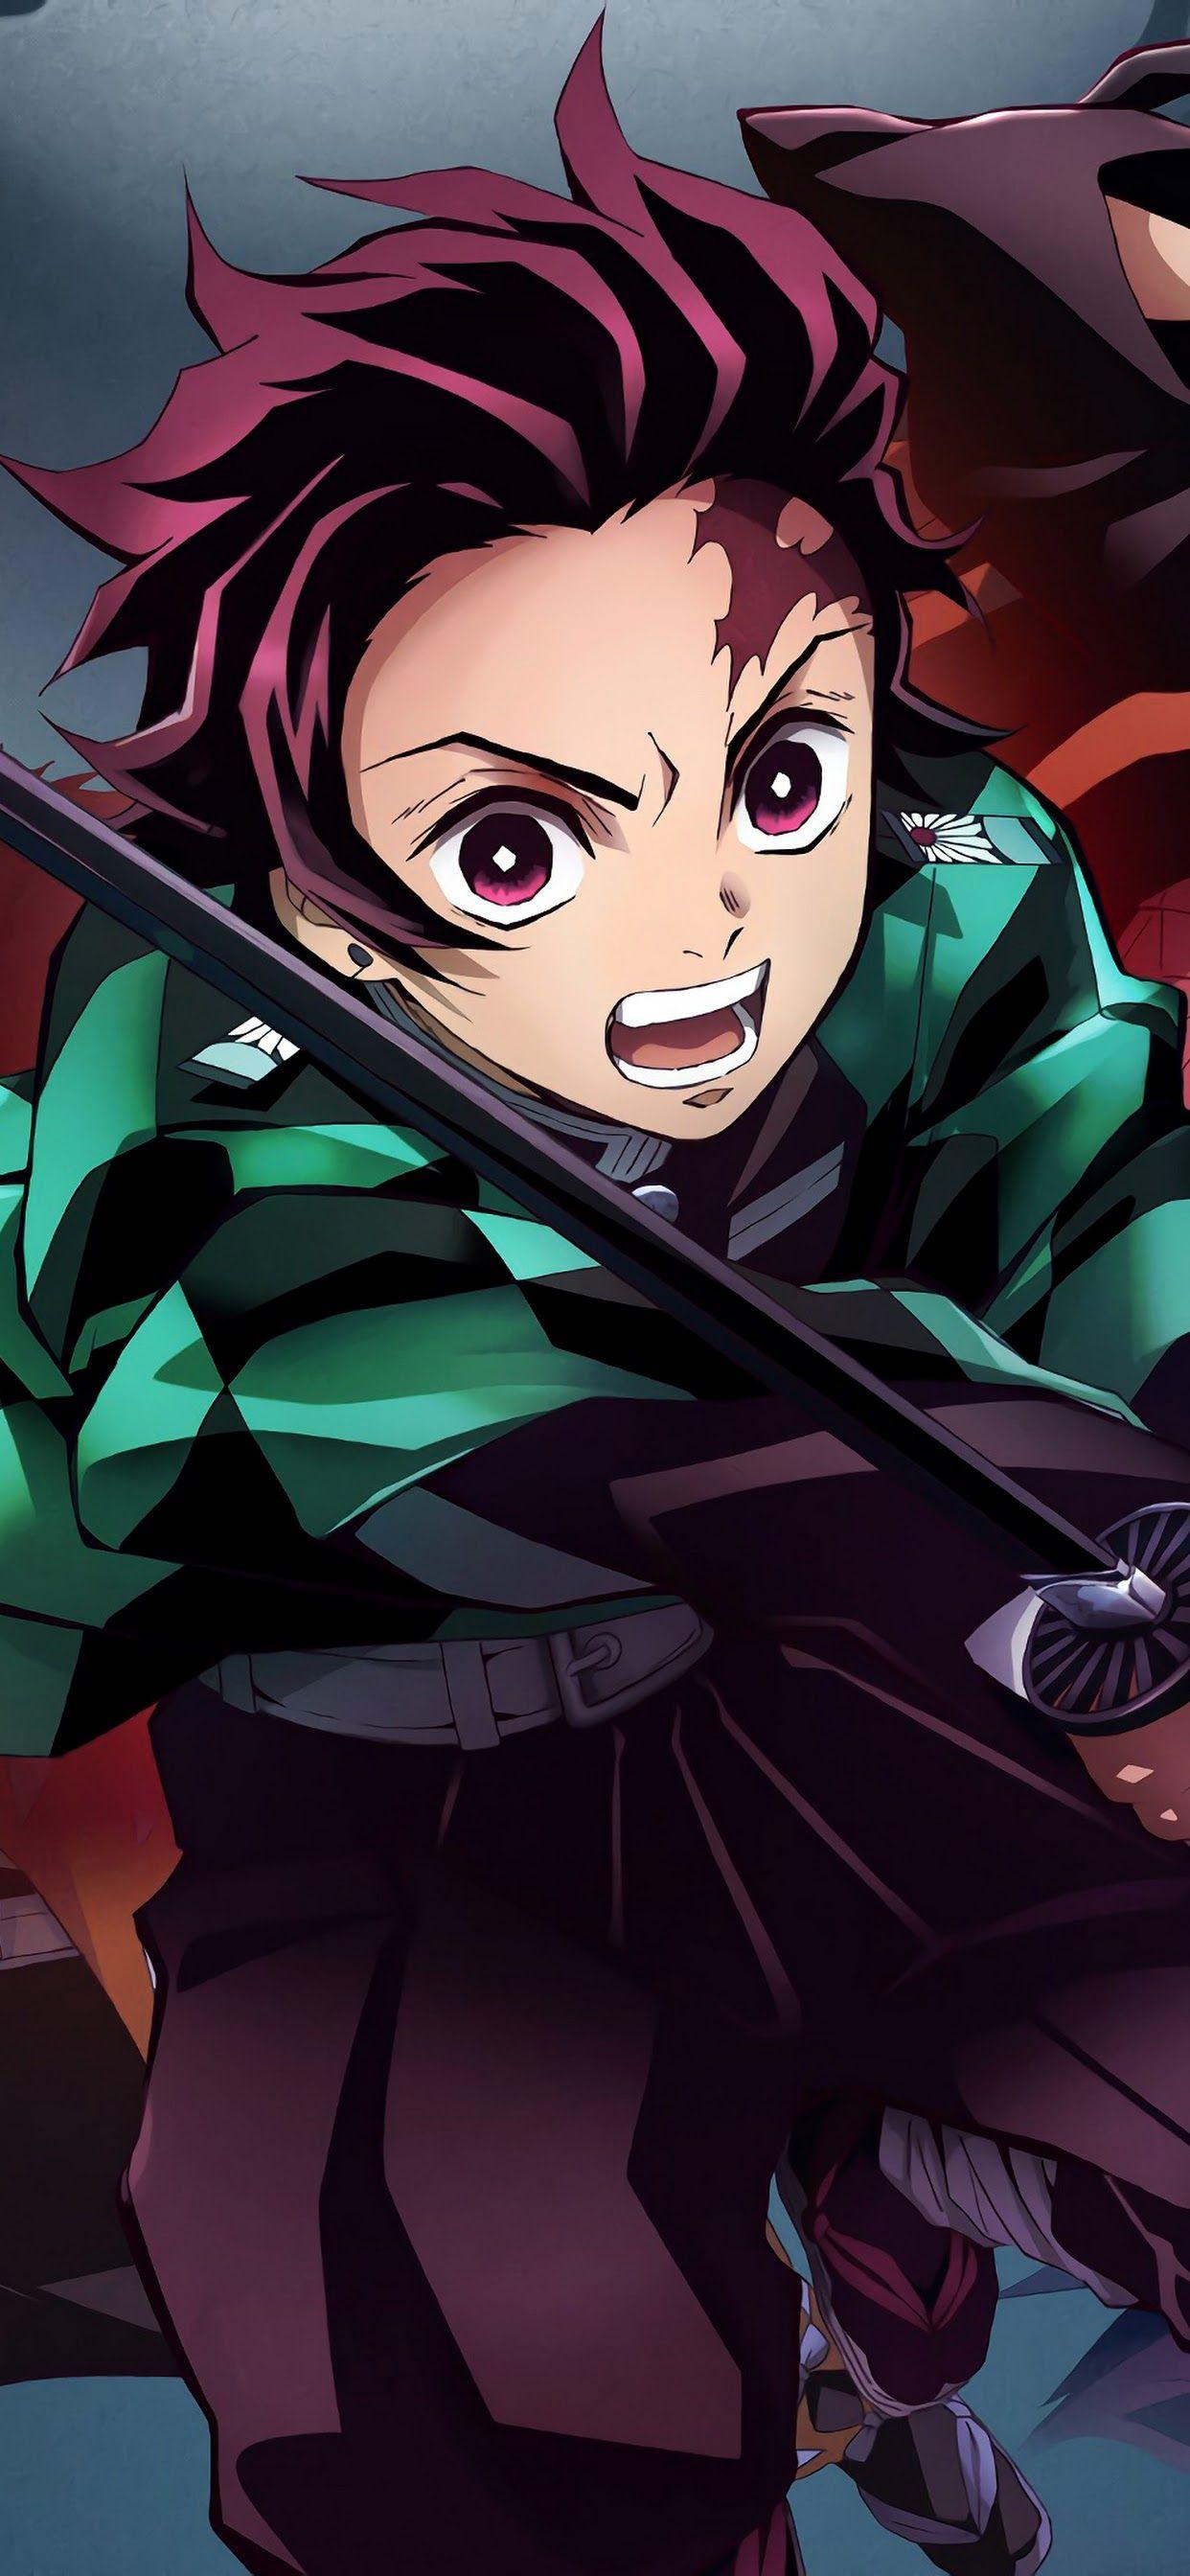 Kimetsu no yaiba live wallpaper / demons slayer wallpaper. My Live Wallpaper Kimetsu No Yaiba - WallpaperAnime